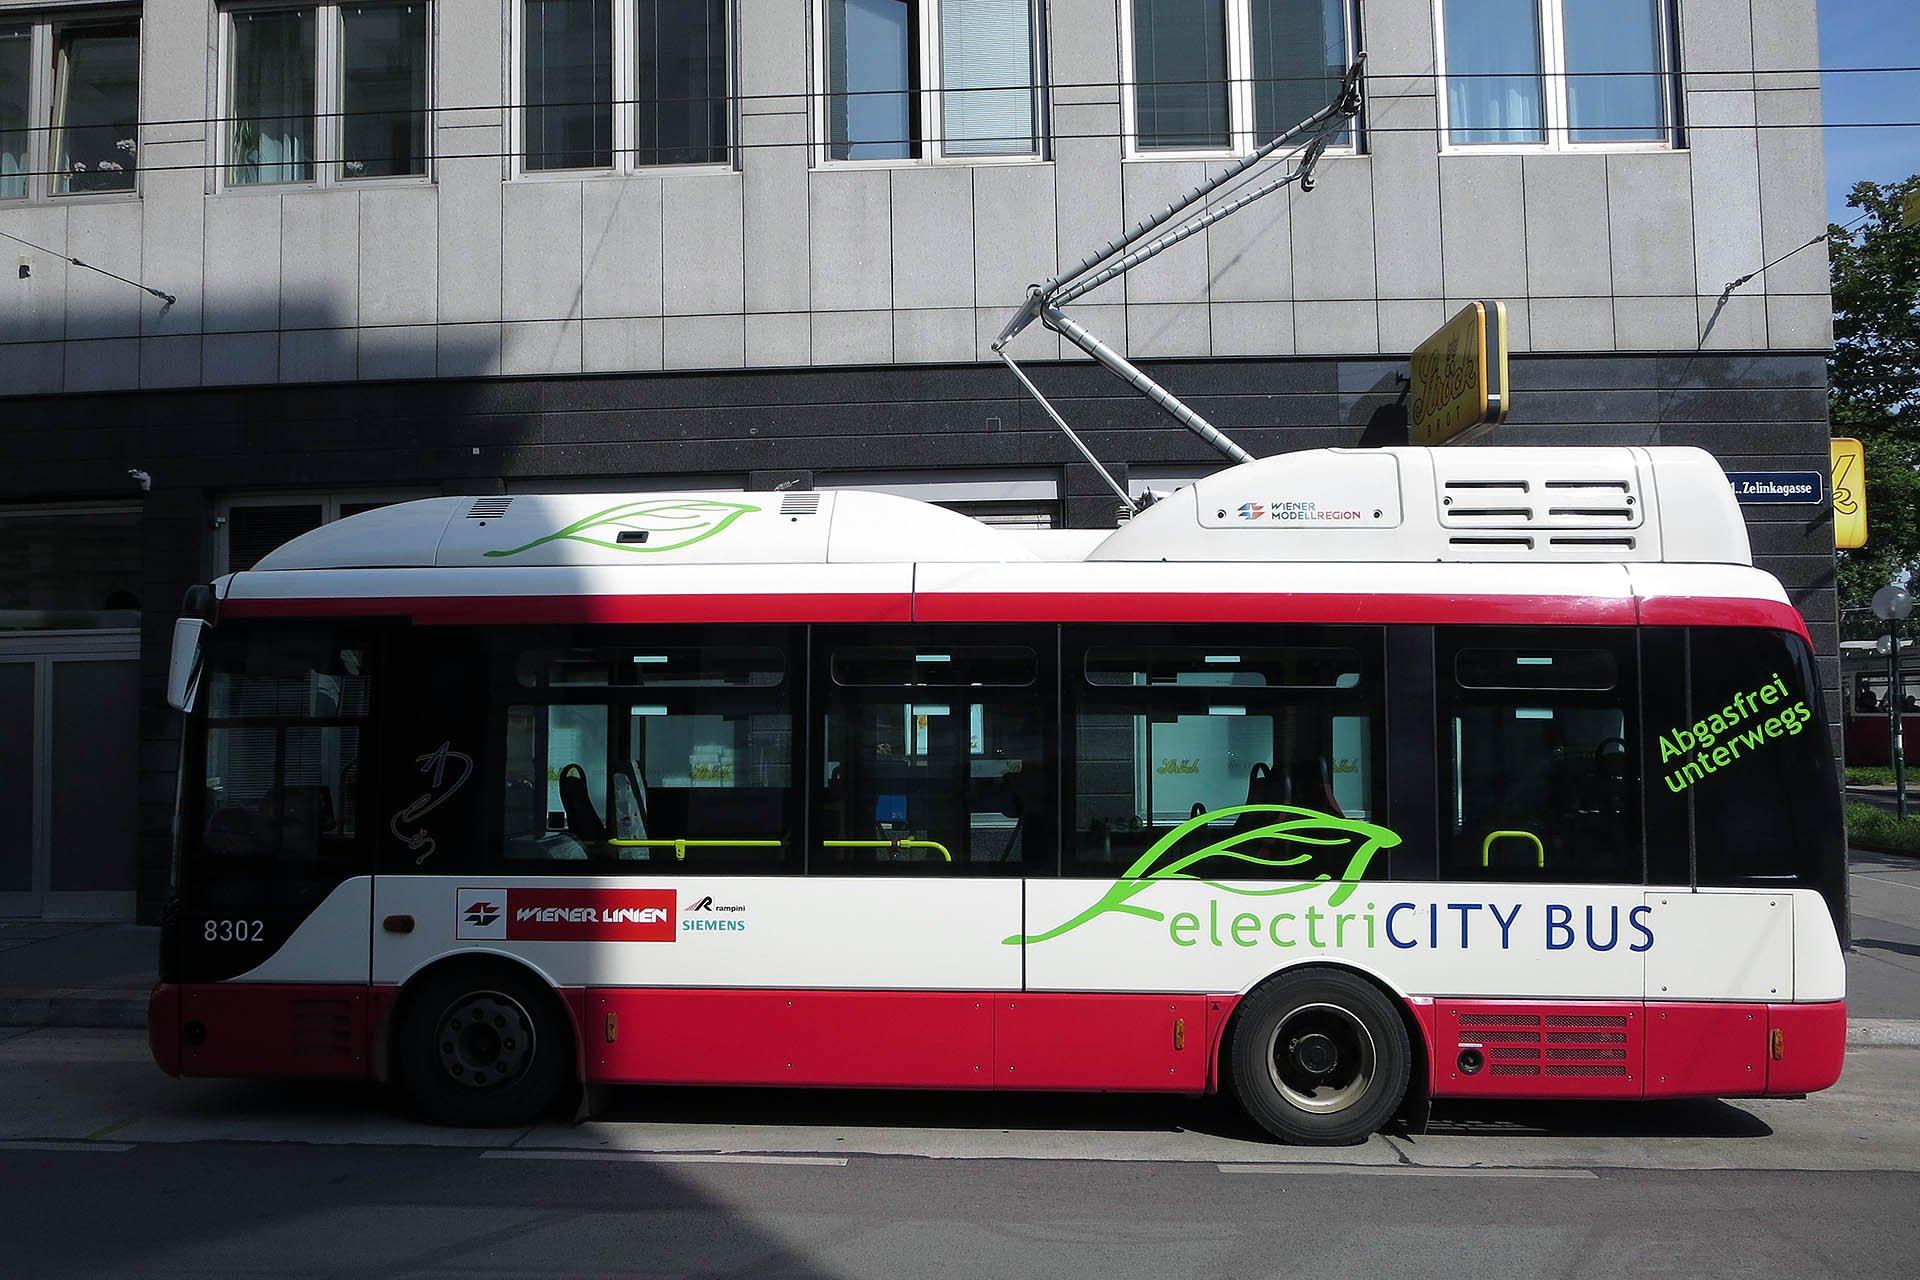 https://public-transport.net/bus/Wien/BA85/slides/8799_87.jpg